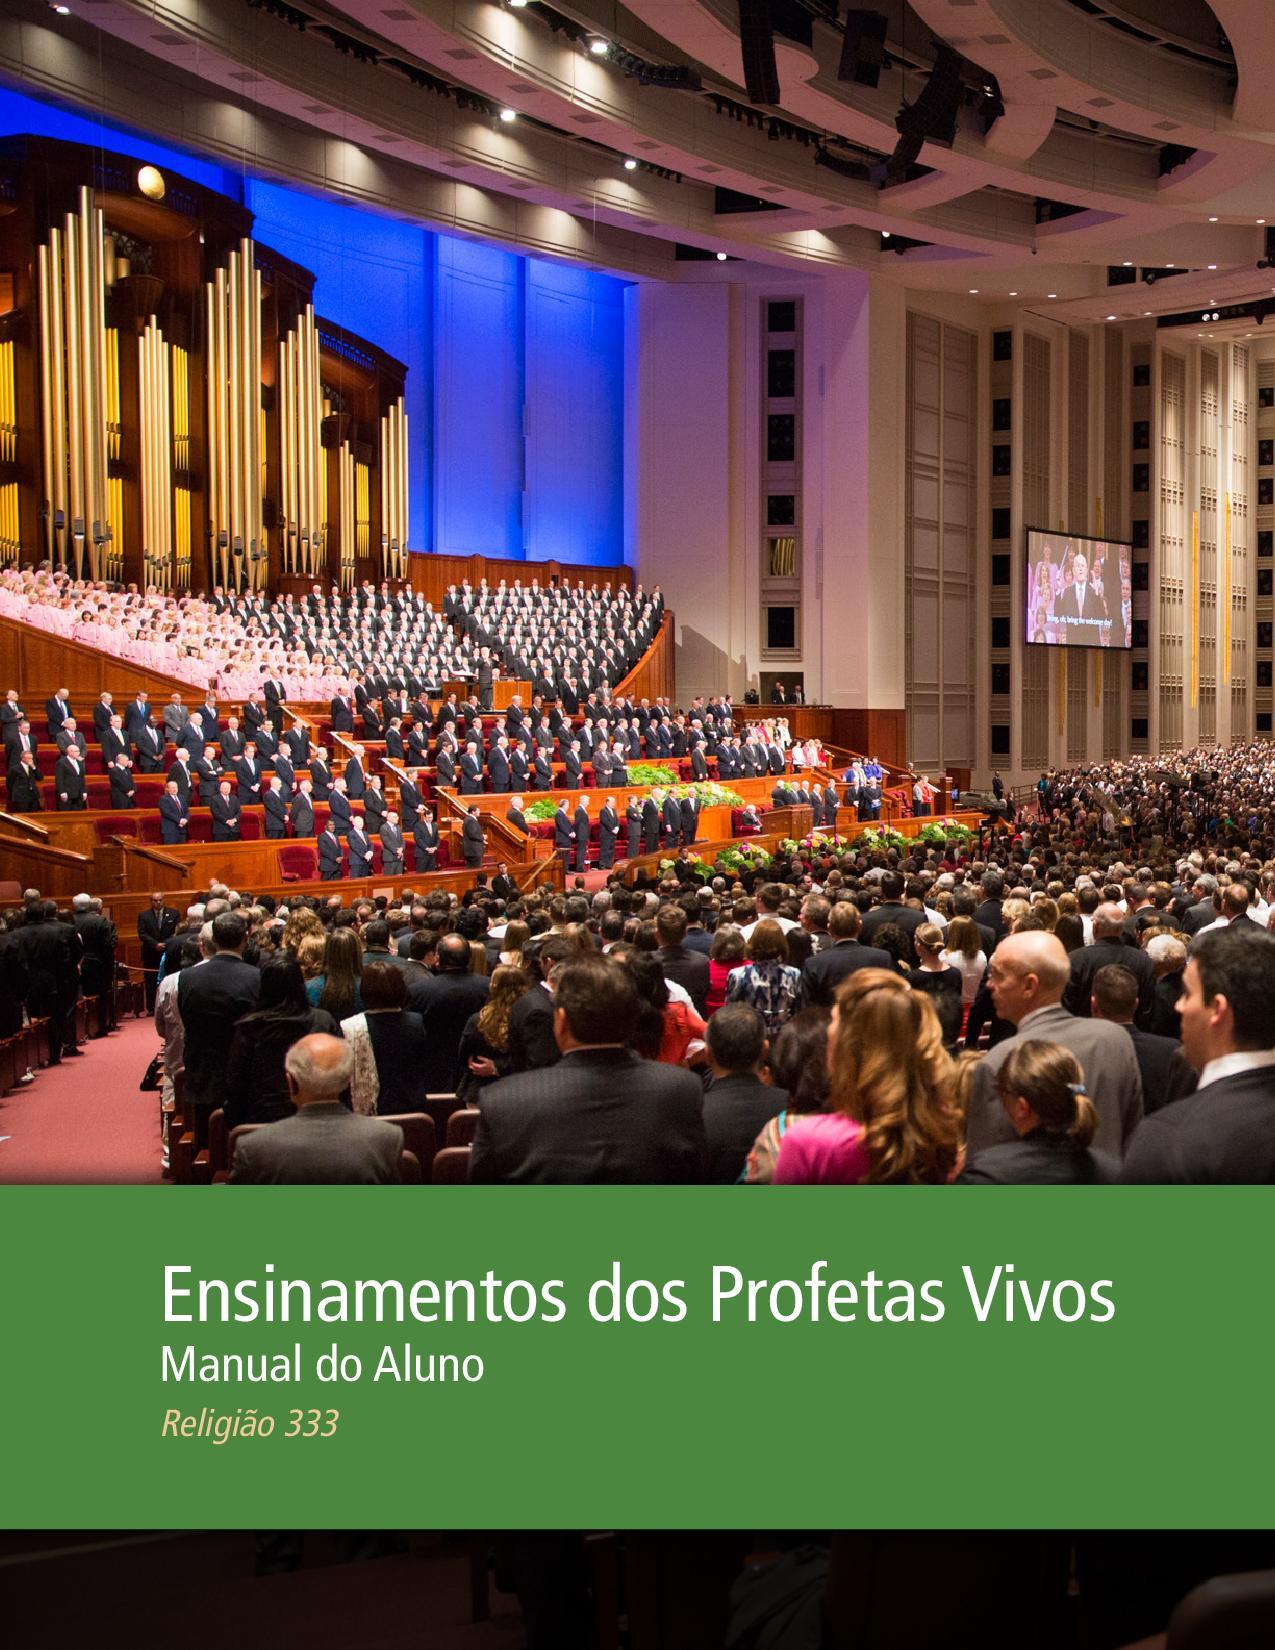 Ensinamentos dos Profetas Vivos — Manual do Aluno